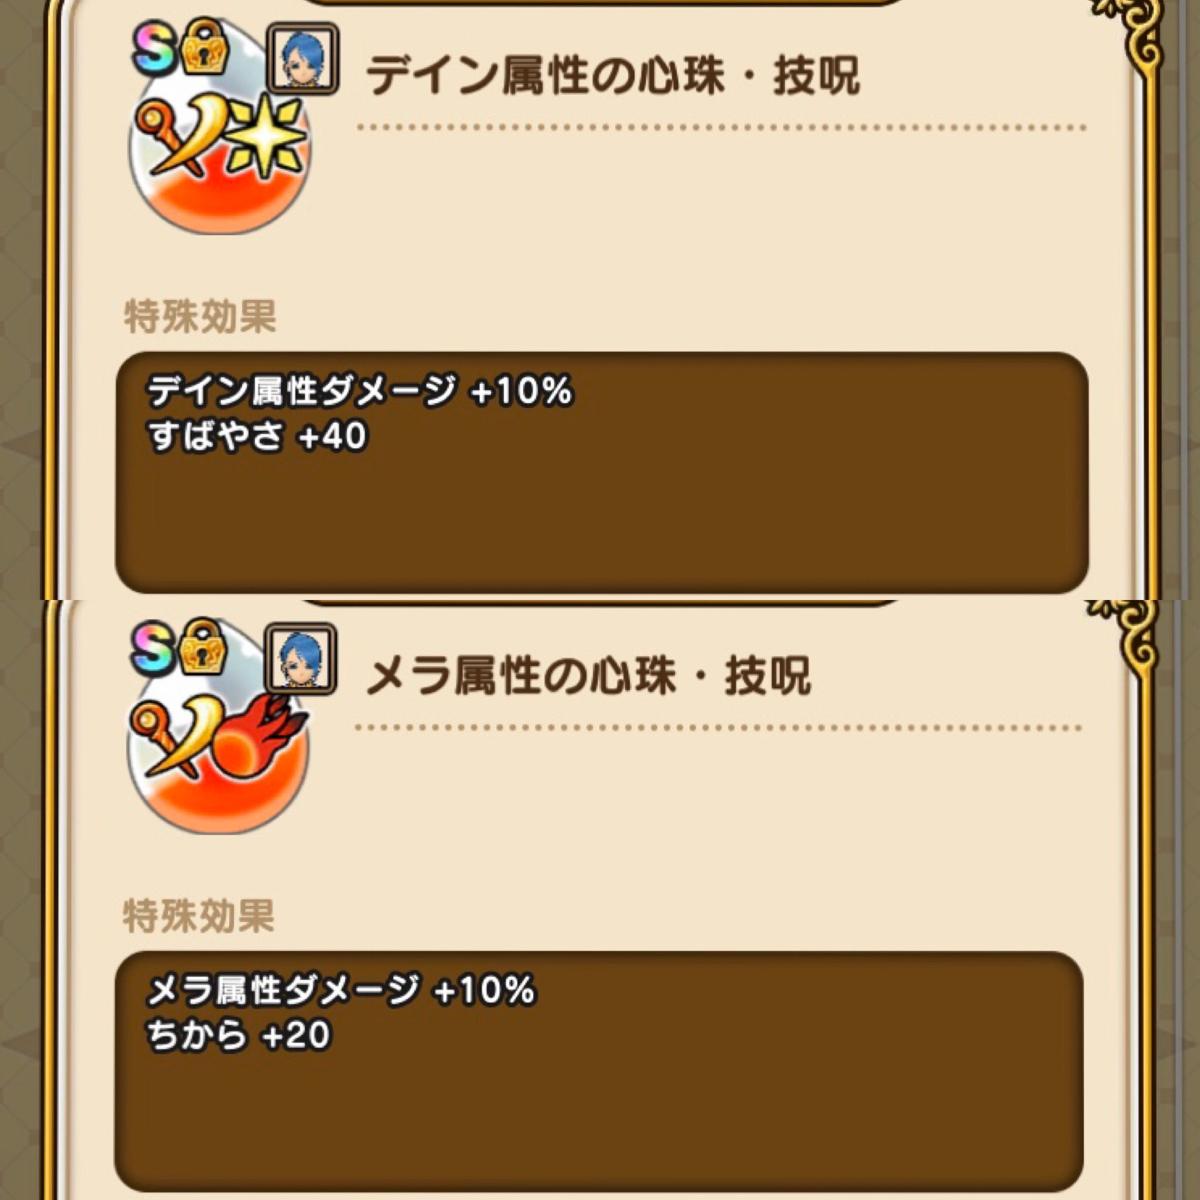 3668 - (株)コロプラ いいよいいよ〜